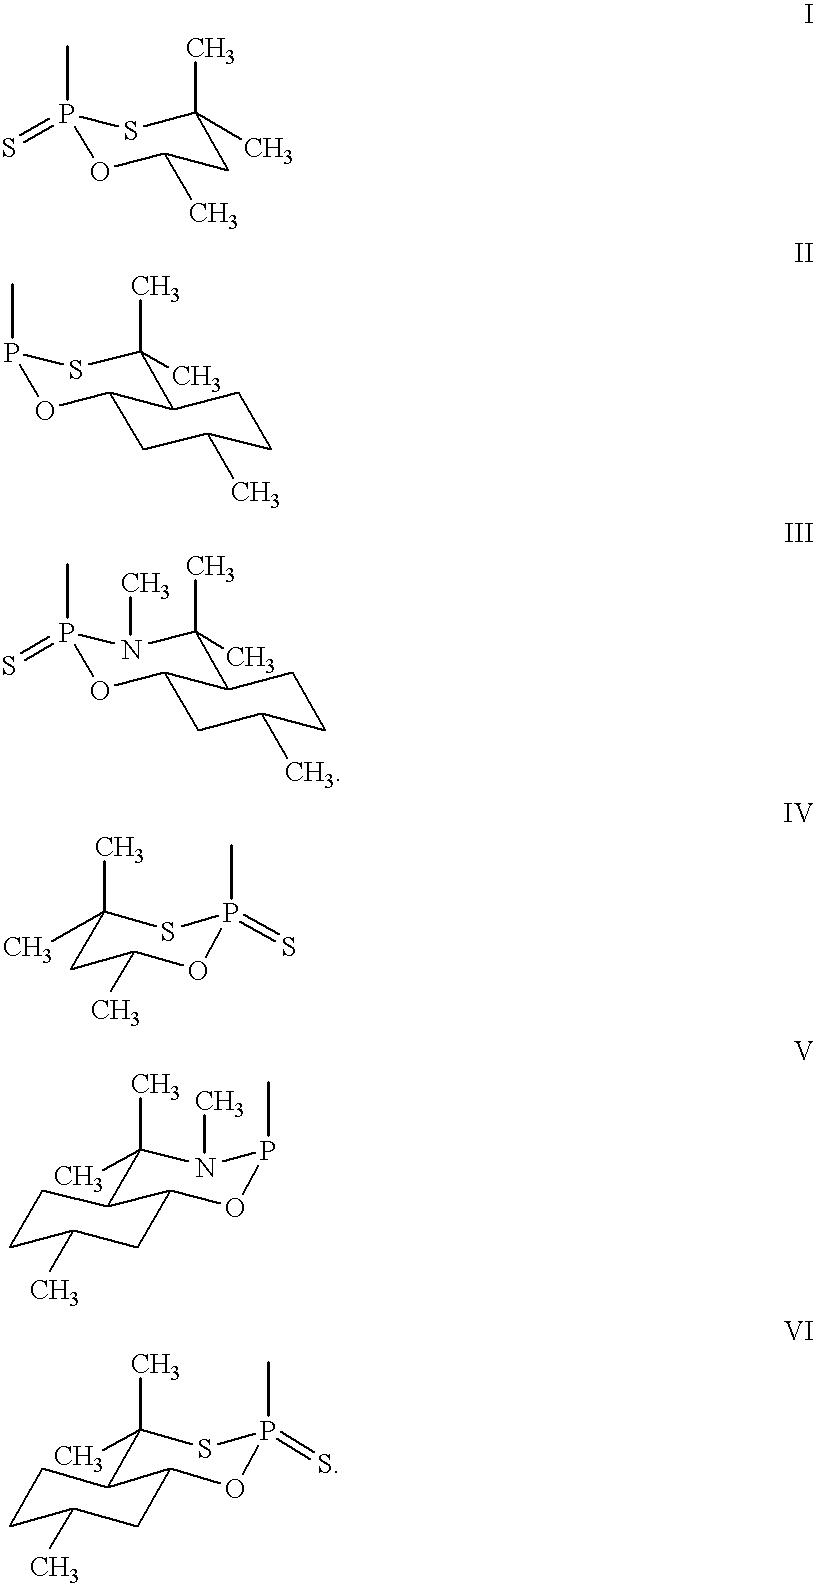 Figure US06440943-20020827-C00015